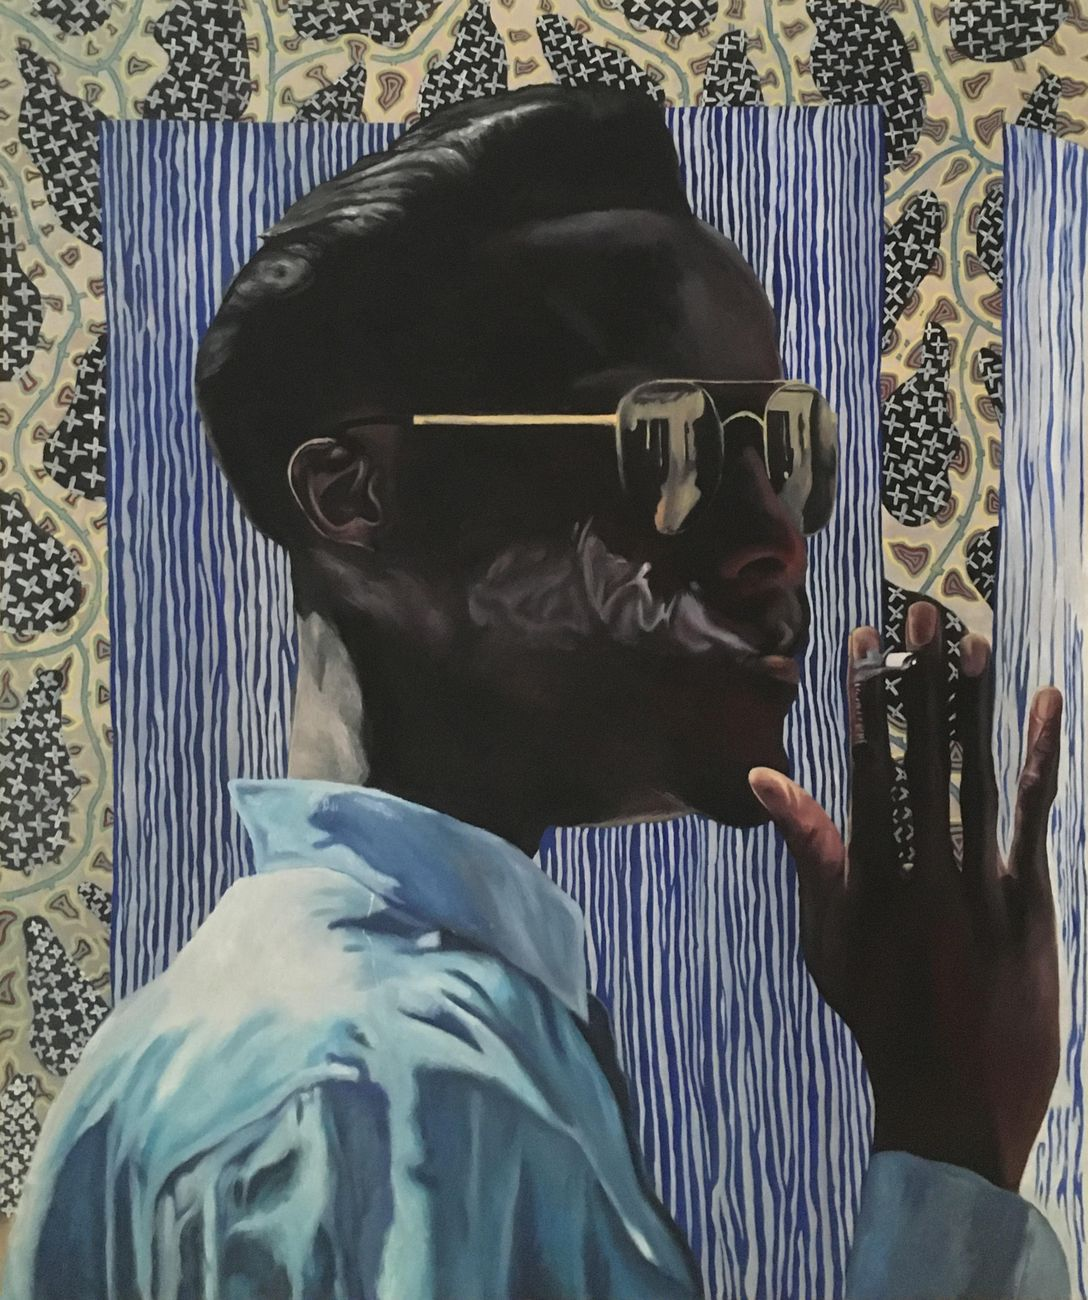 Luigi Spagnol, Senza titolo, 2000, olio su tela, cm 100x79,5